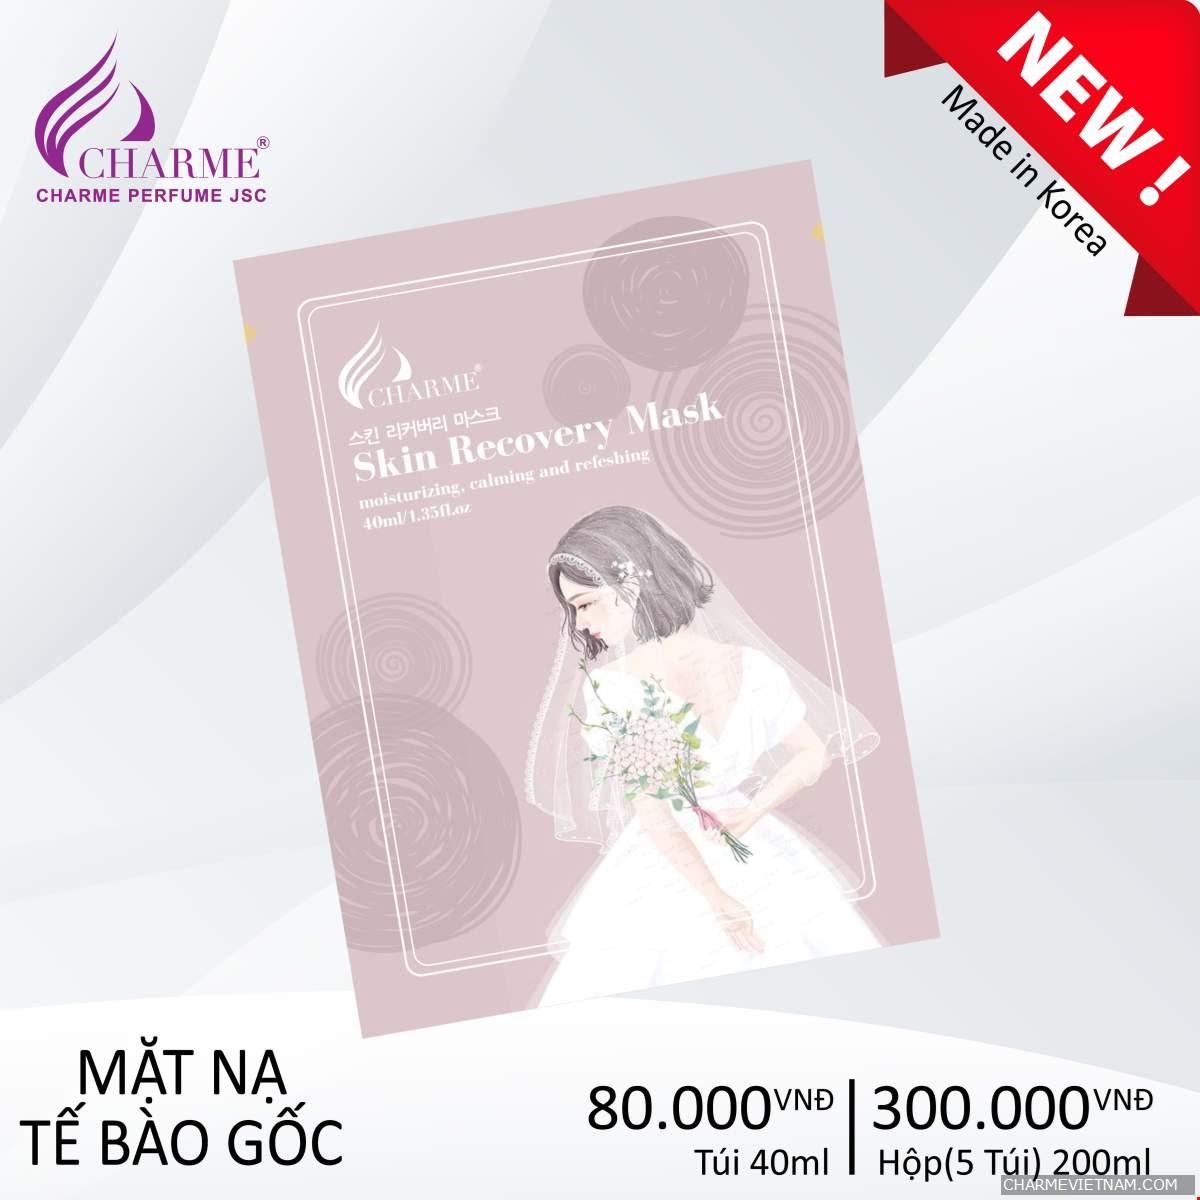 Mặt Nạ Tế Bào Gốc - Charme Skin Recovery Mask